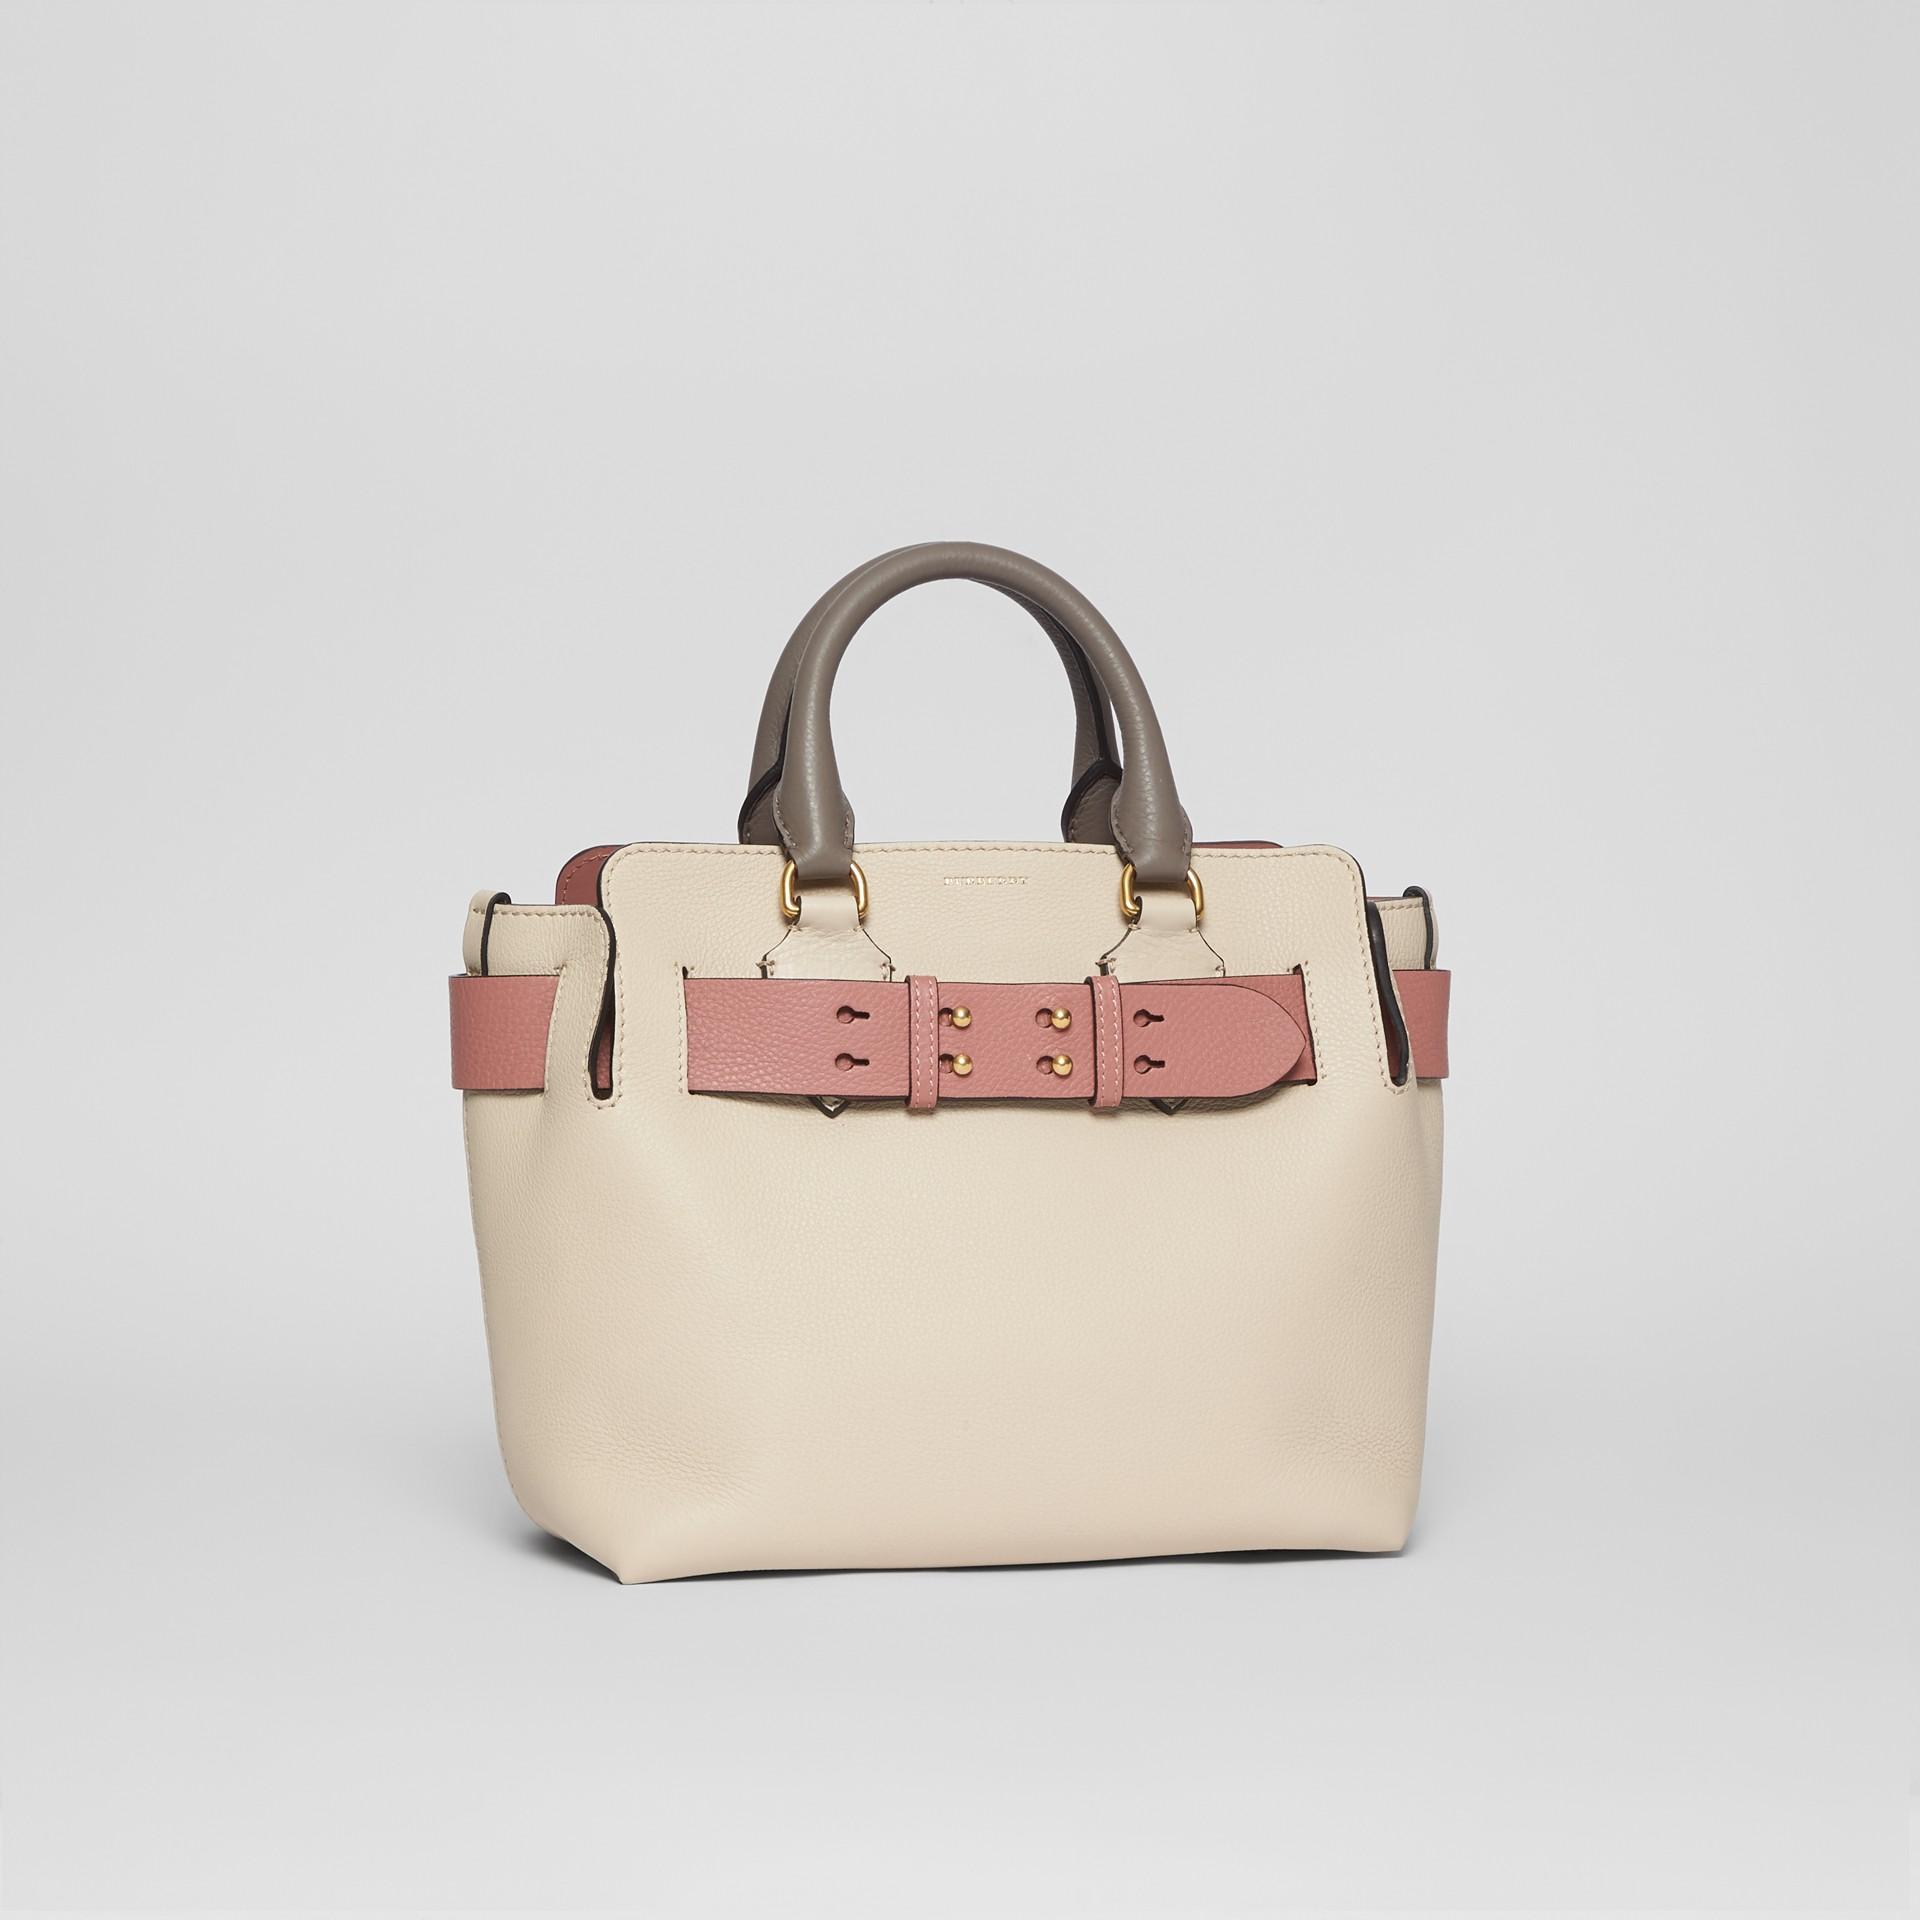 Petit sac TheBelt en cuir tricolore (Calcaire/rose Cendré) - Femme | Burberry - photo de la galerie 6